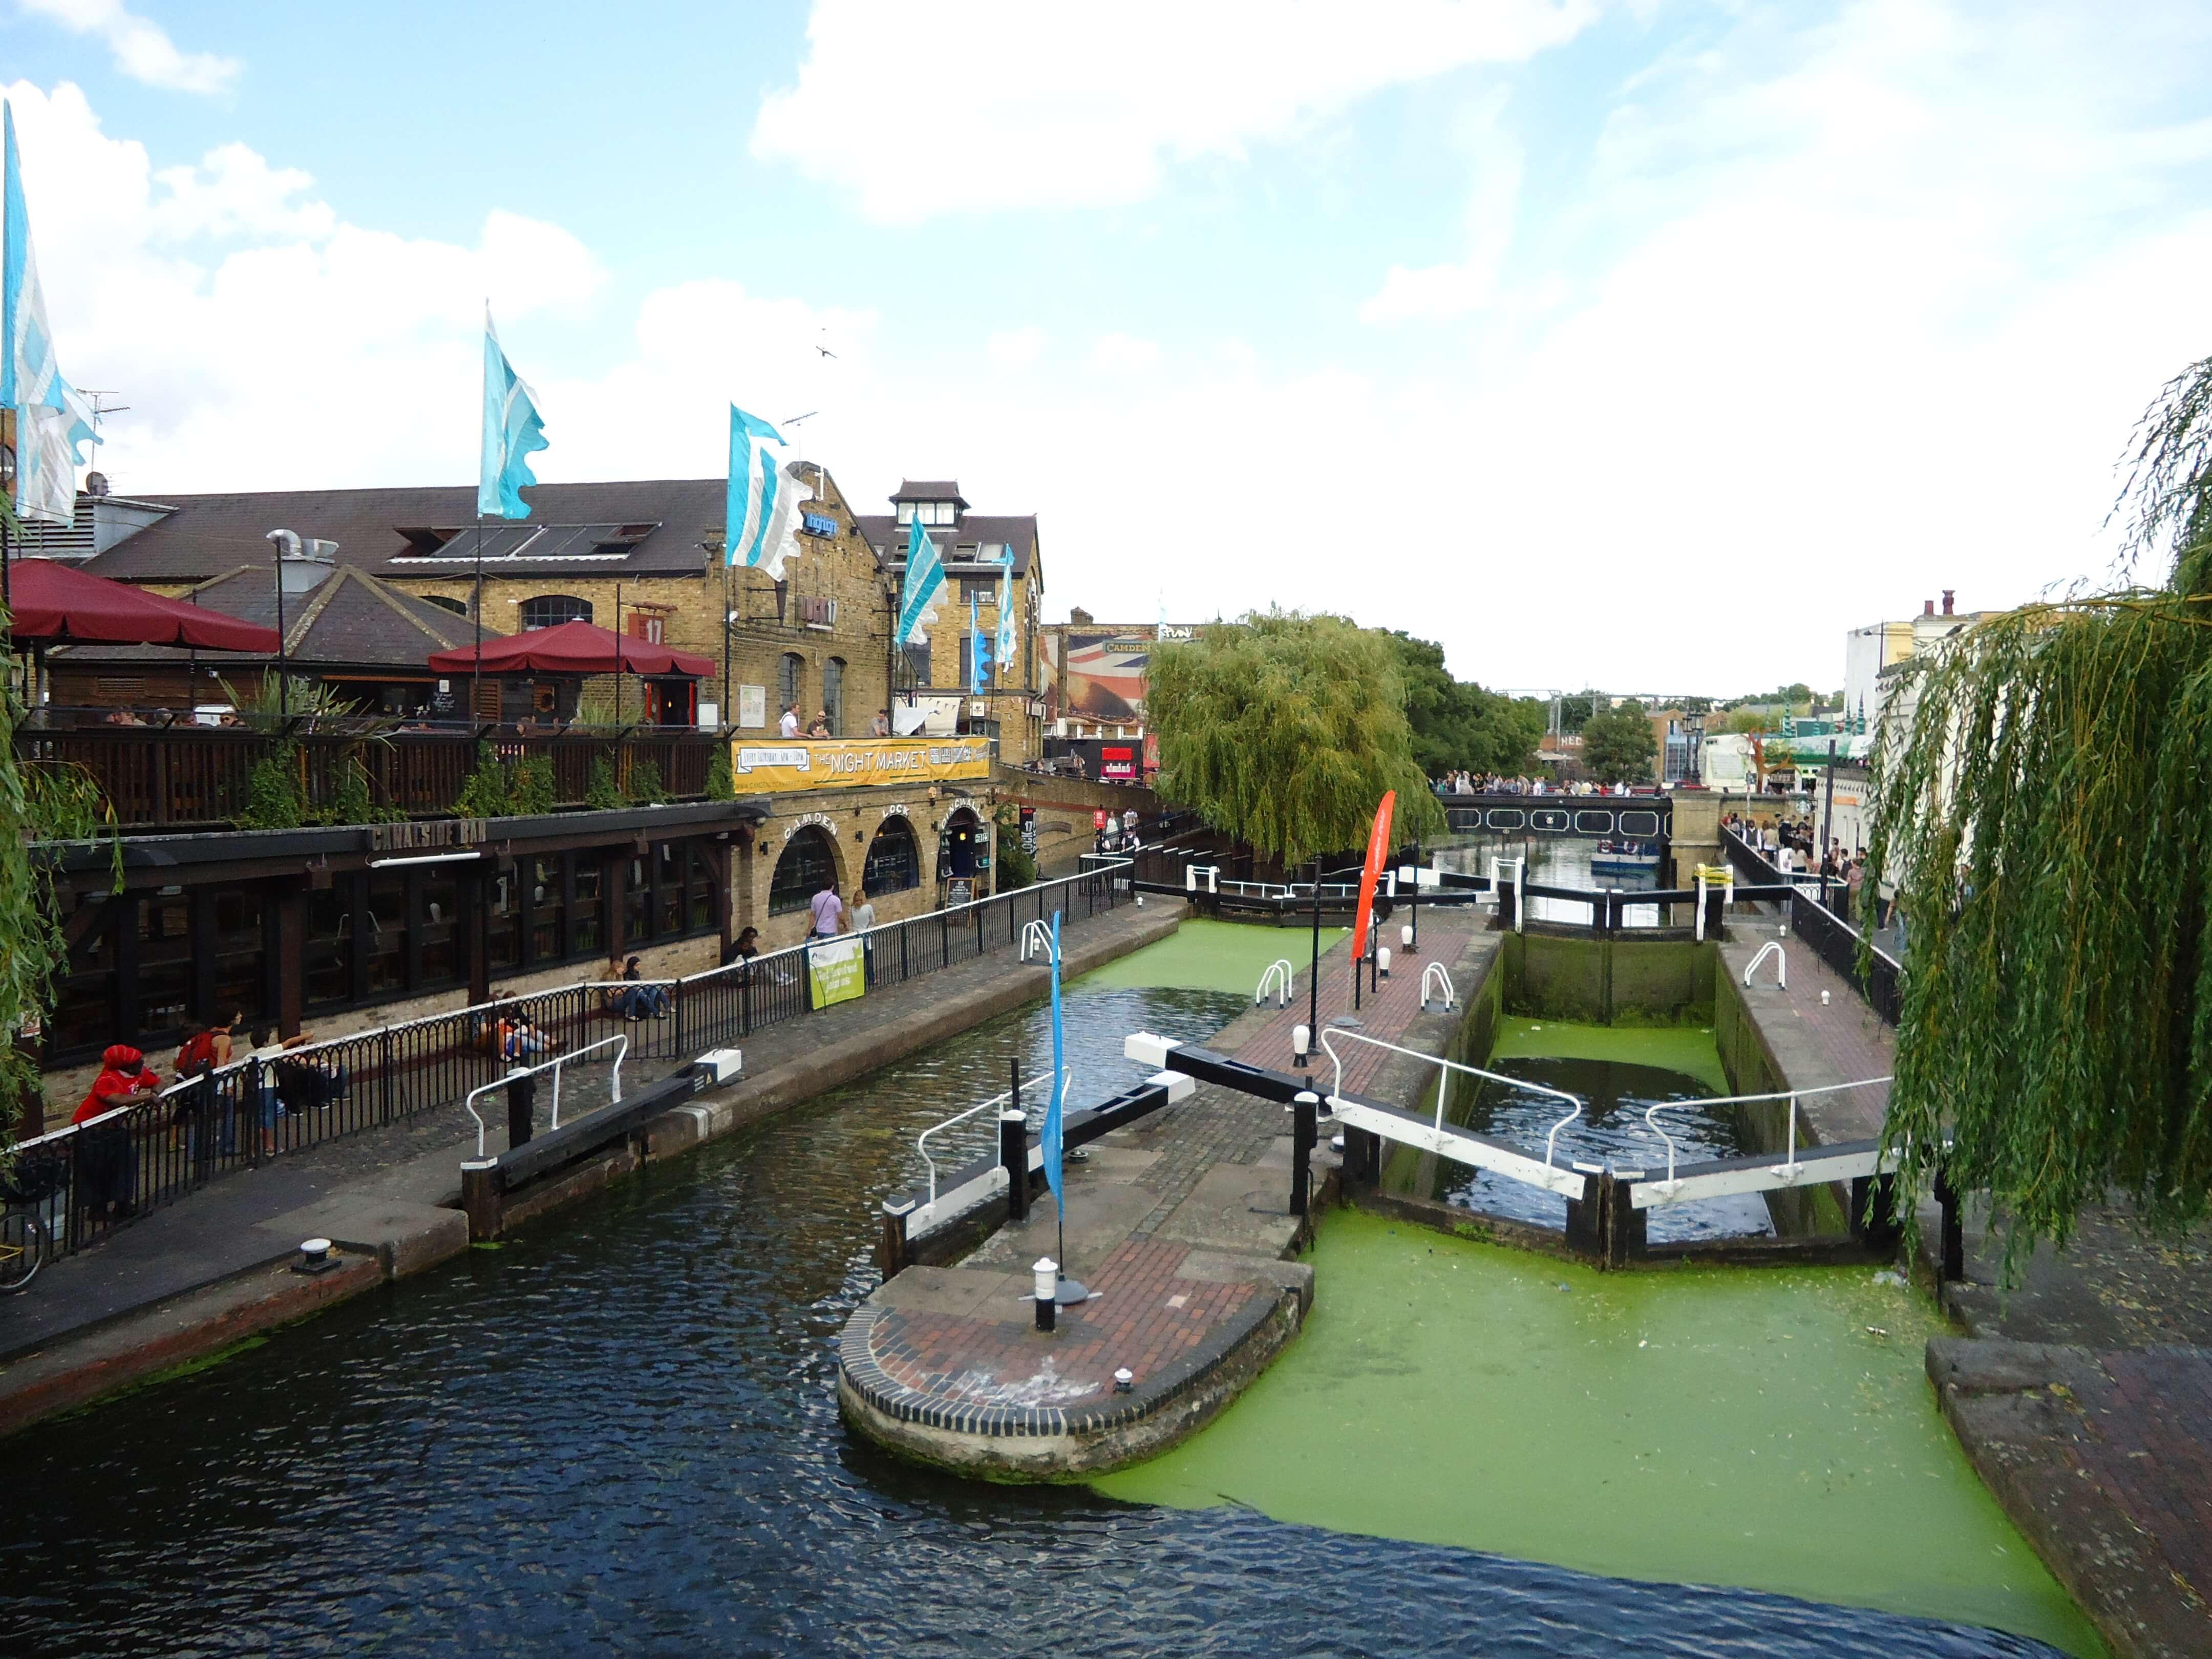 camden-town-canal